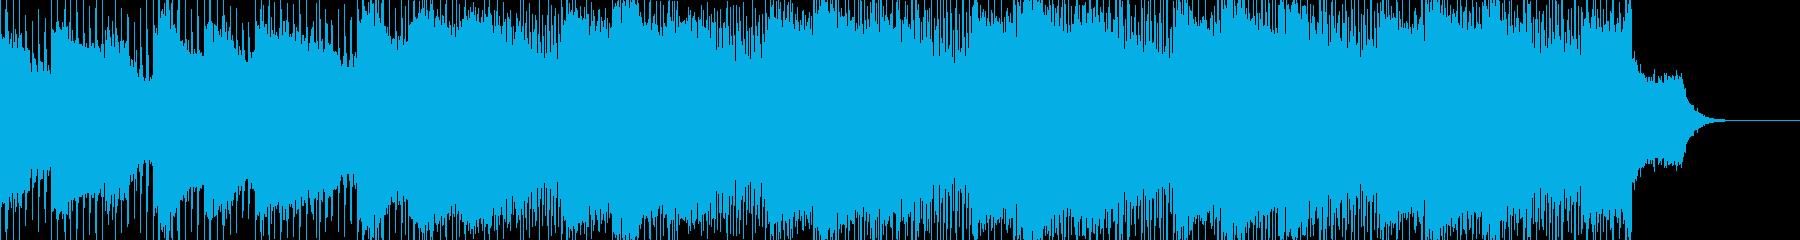 怪しく不思議な雰囲気のアンビエントBGMの再生済みの波形